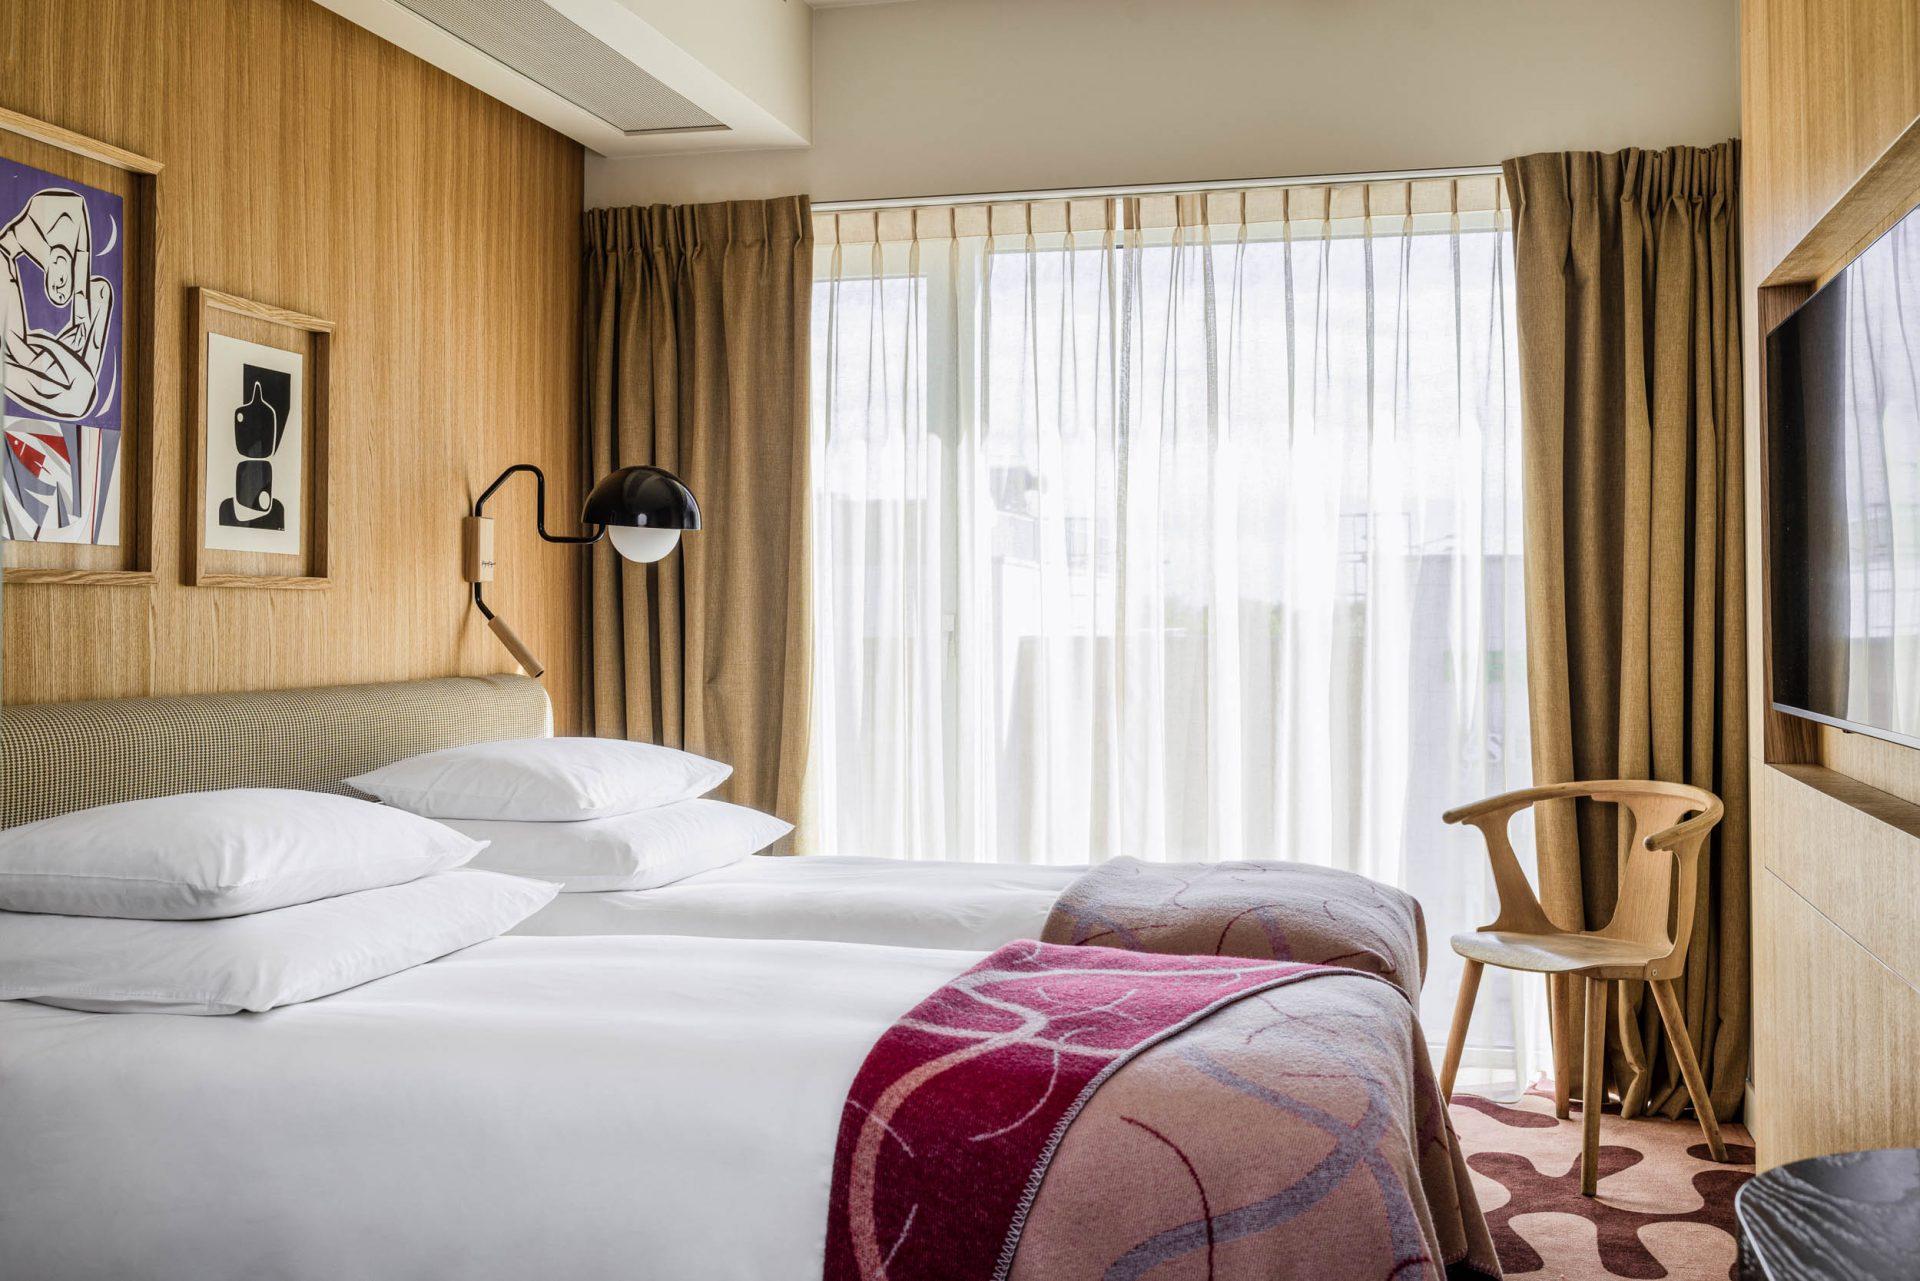 nowy_puro_hotel_krakow_old_town_paradowski_foto_pion_designalive-11